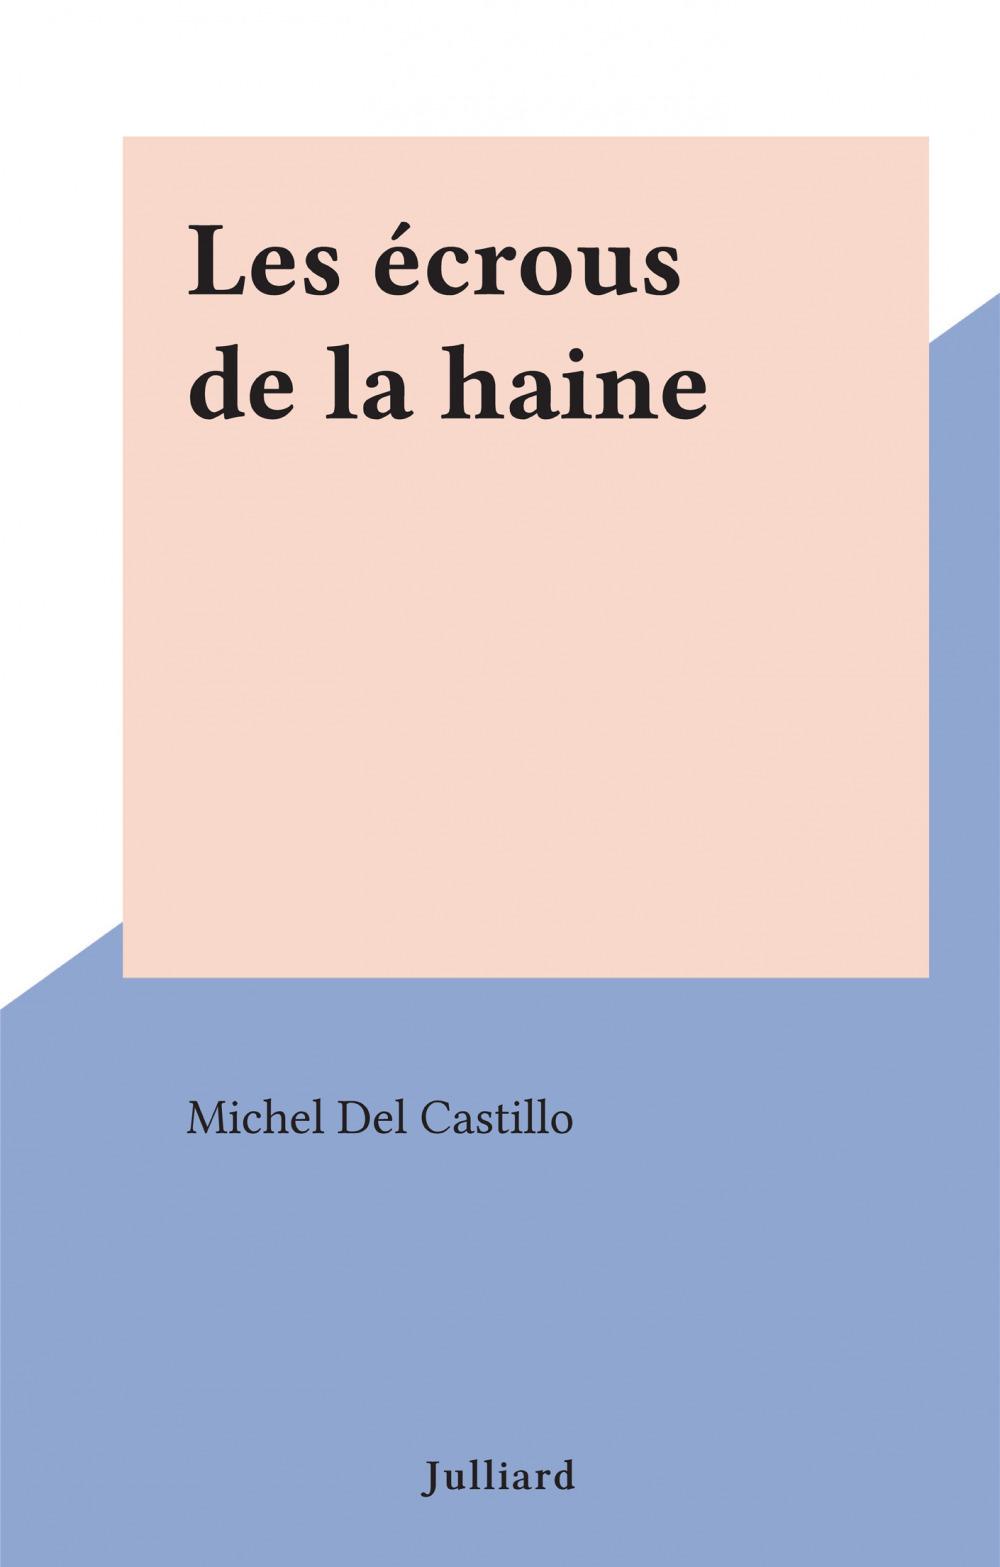 Les écrous de la haine  - Michel Del Castillo